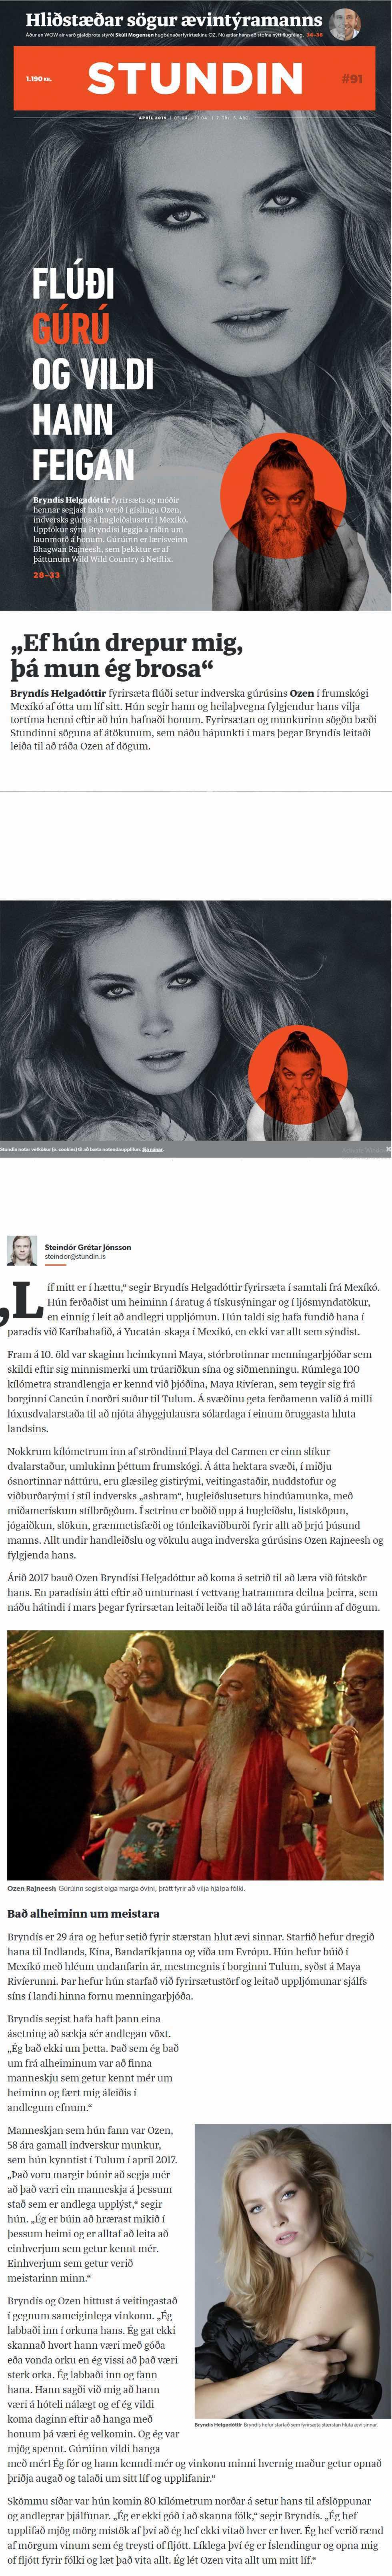 STUNDIN bryndis helgadottir exposing deadly murder plot part 1